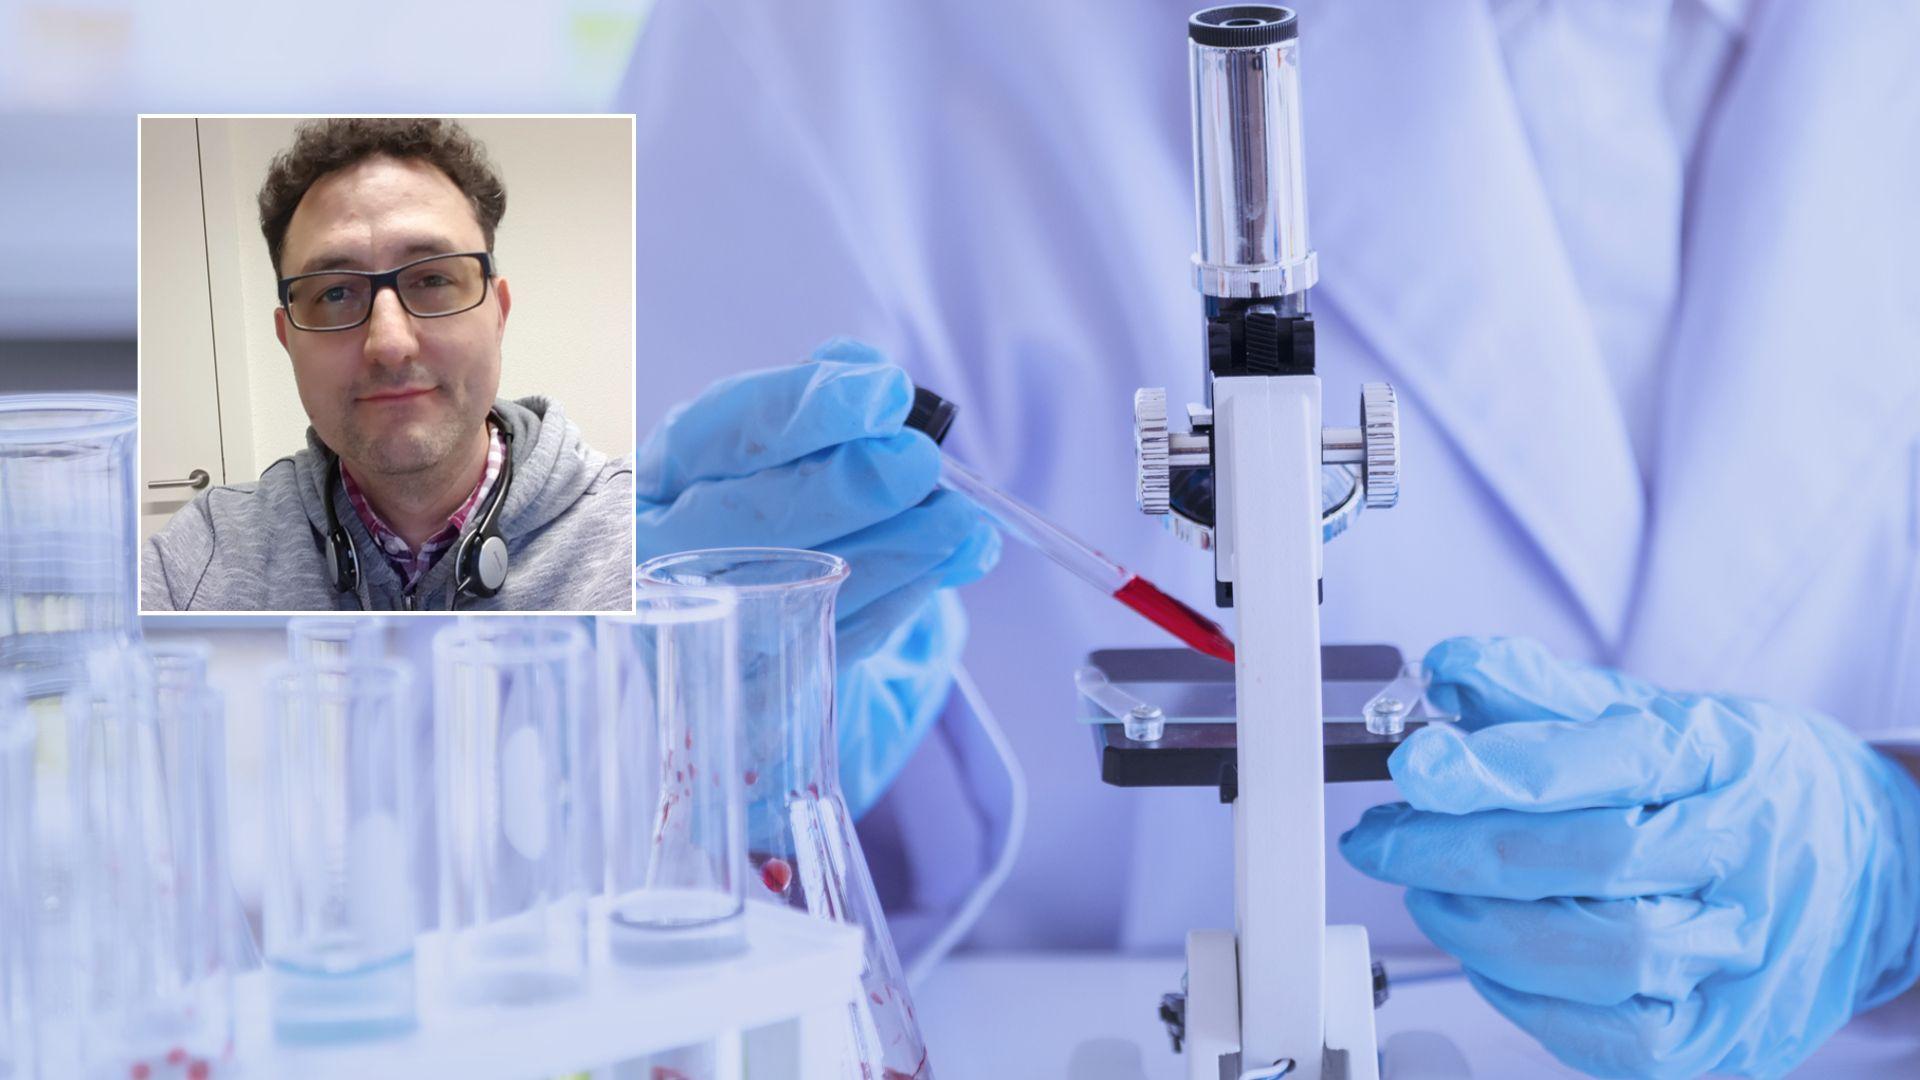 Д-р Аспарух Илиев: Индийският щам няма да ни подмине, а ваксинираните са по-защитени